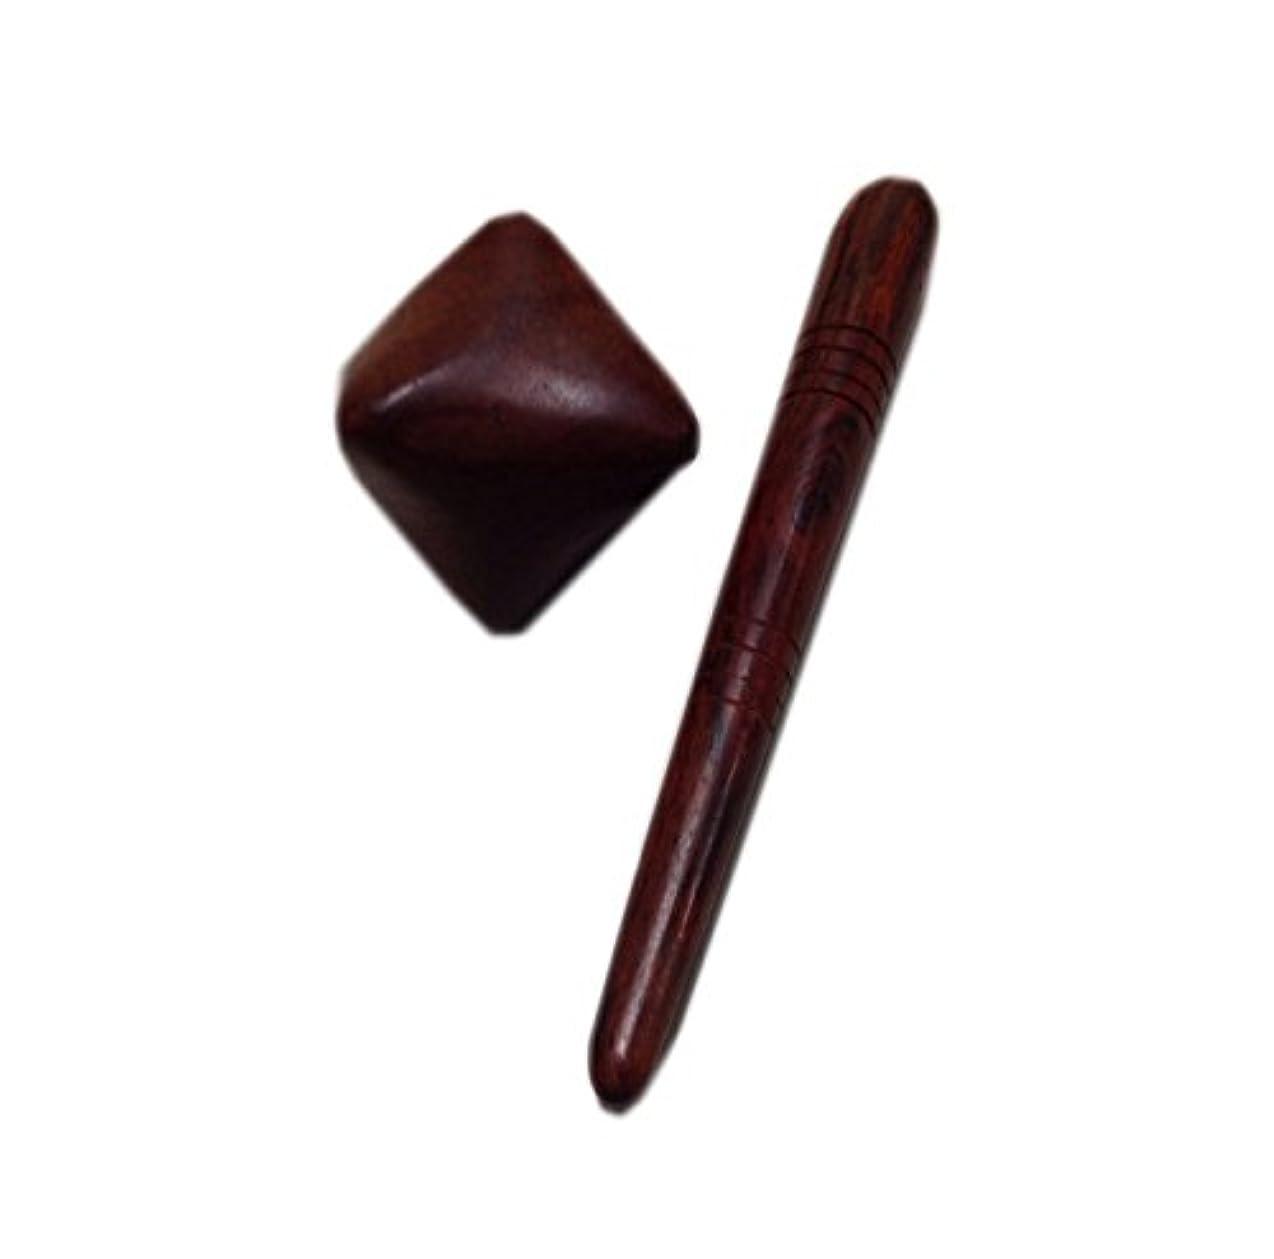 ハーブ弁護チョコレートツボ押しスティック&キューブ ウッド